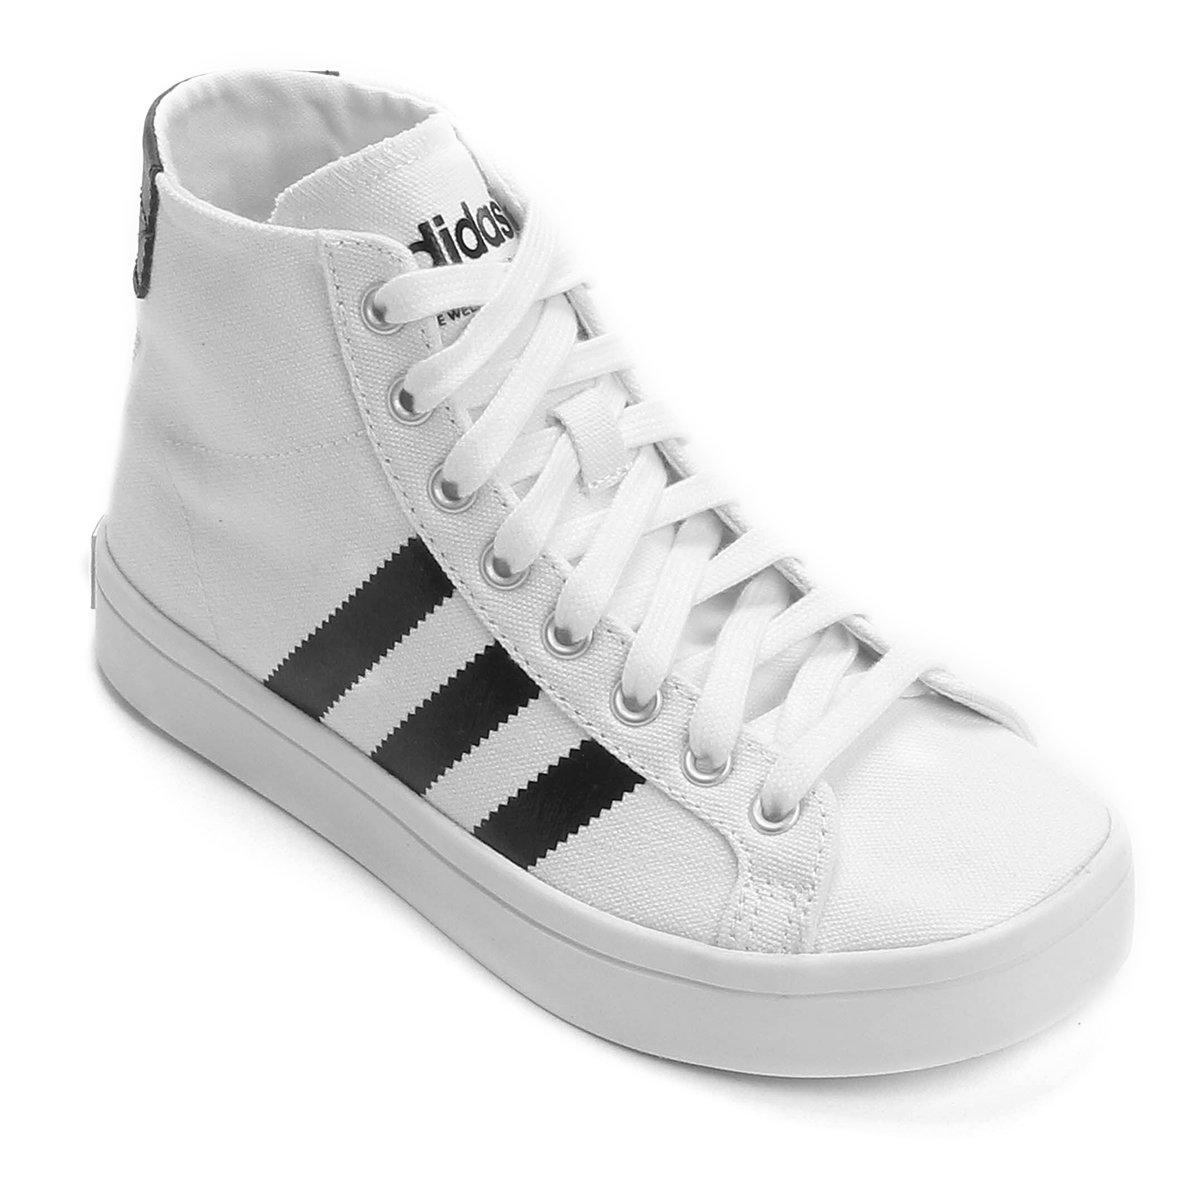 495e5e58d50 Tênis Adidas Courtvantage Mid K Infantil - Compre Agora